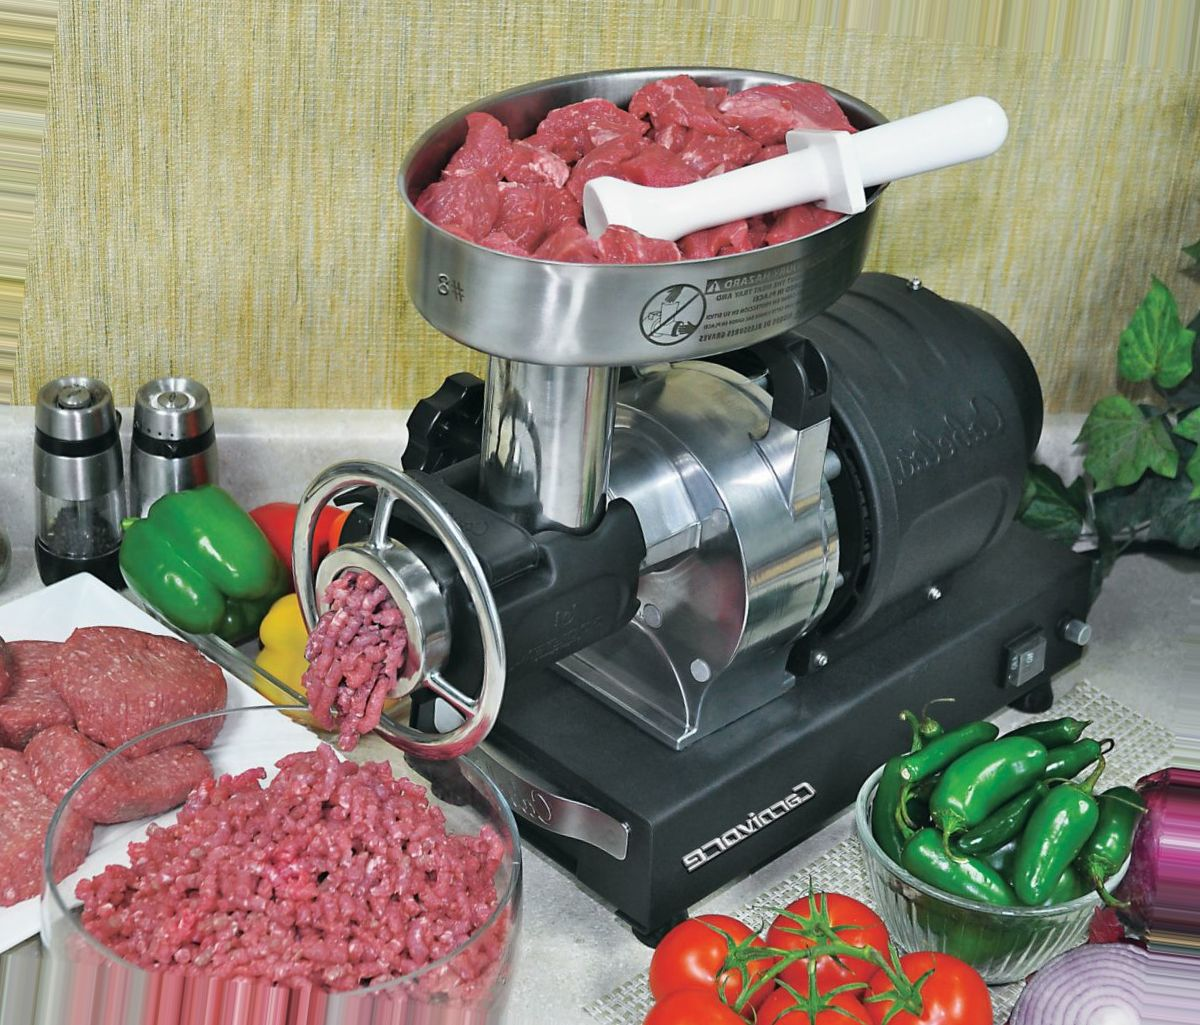 Cabela's Carnivore Commercial-Grade 0.5hp Grinder